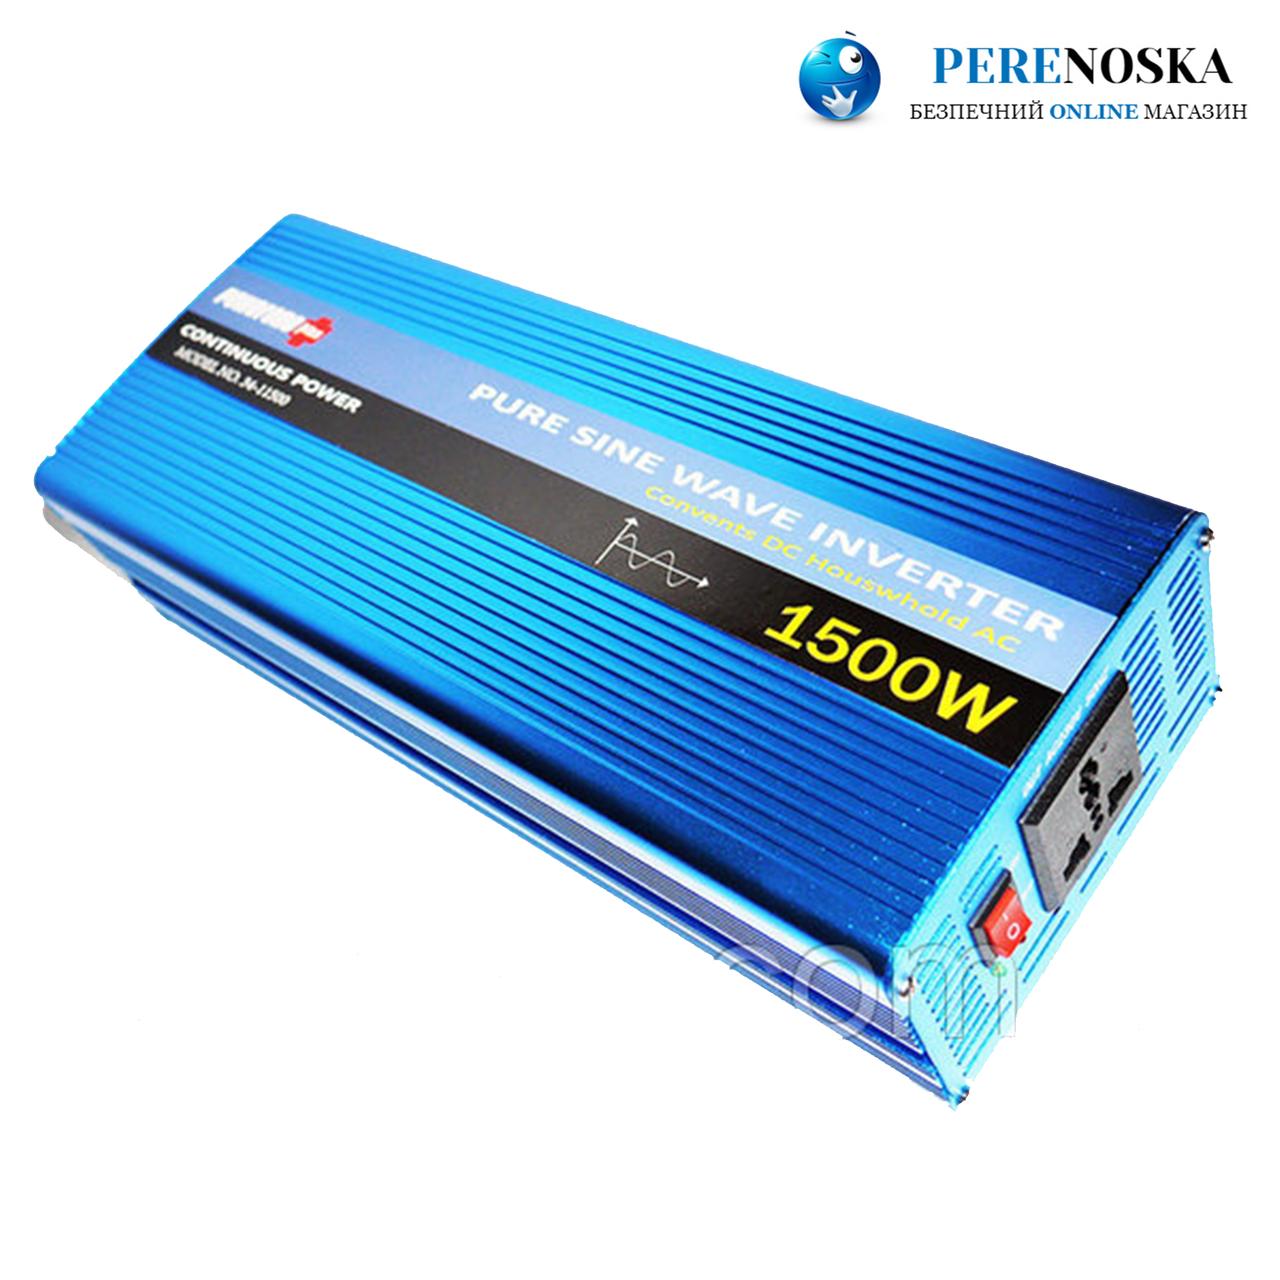 Автомобильный инвертор Powerone 1500W/ С чистой синусоидой AC/DC 12v model no 34-11500